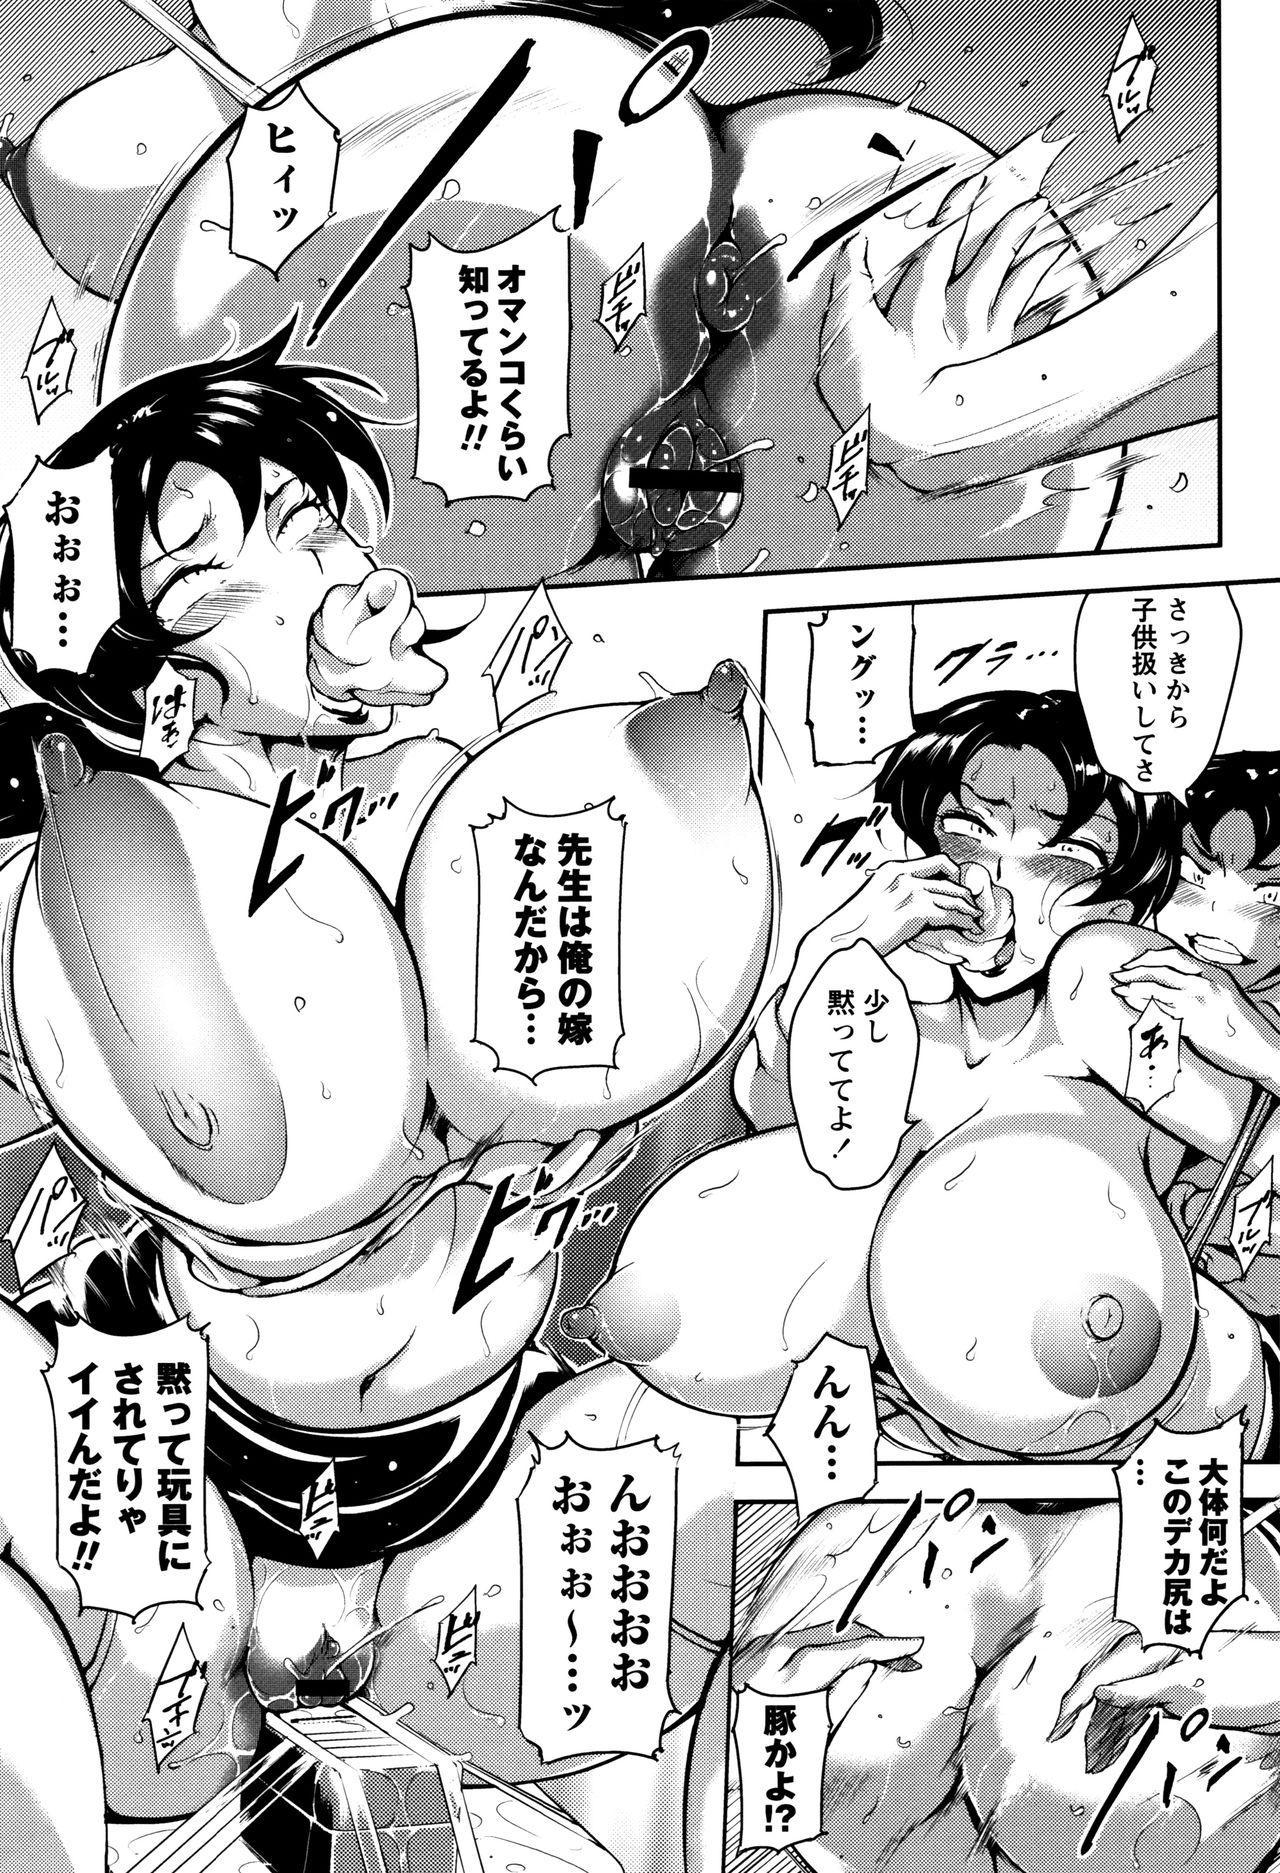 Ero BBA ♥ Dosukebe Ha Sengen 94